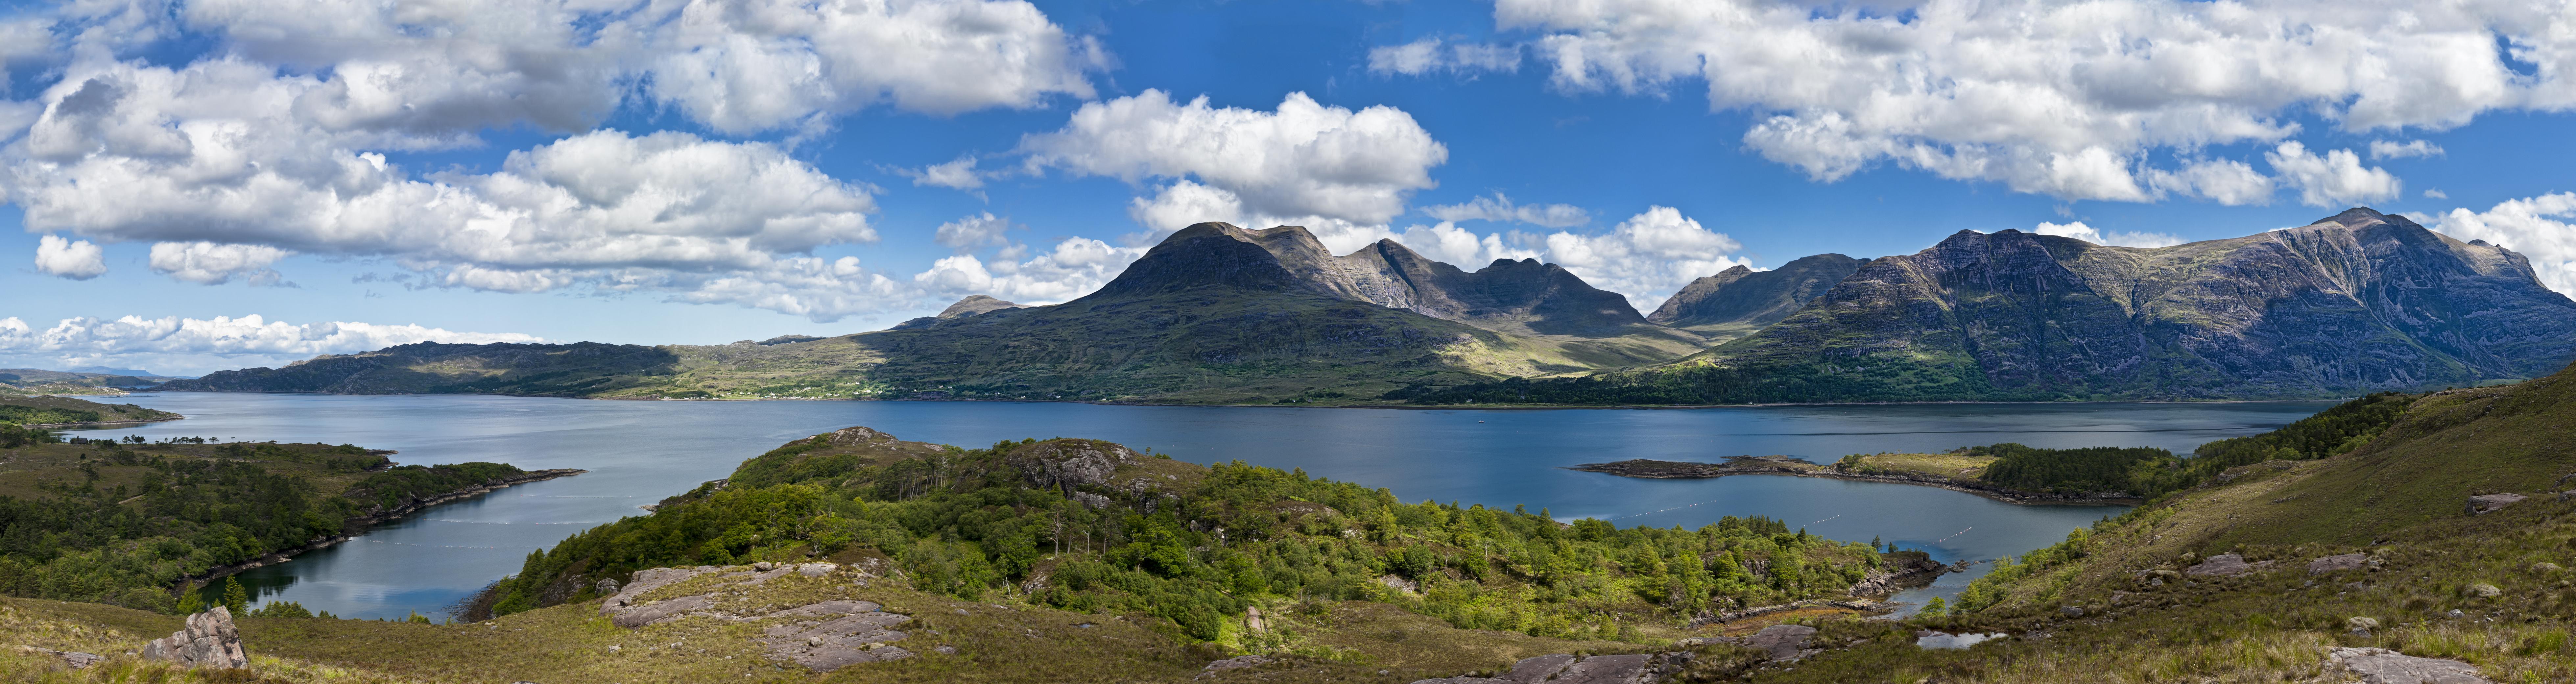 portal scotland selected picture 2013 wikipedia